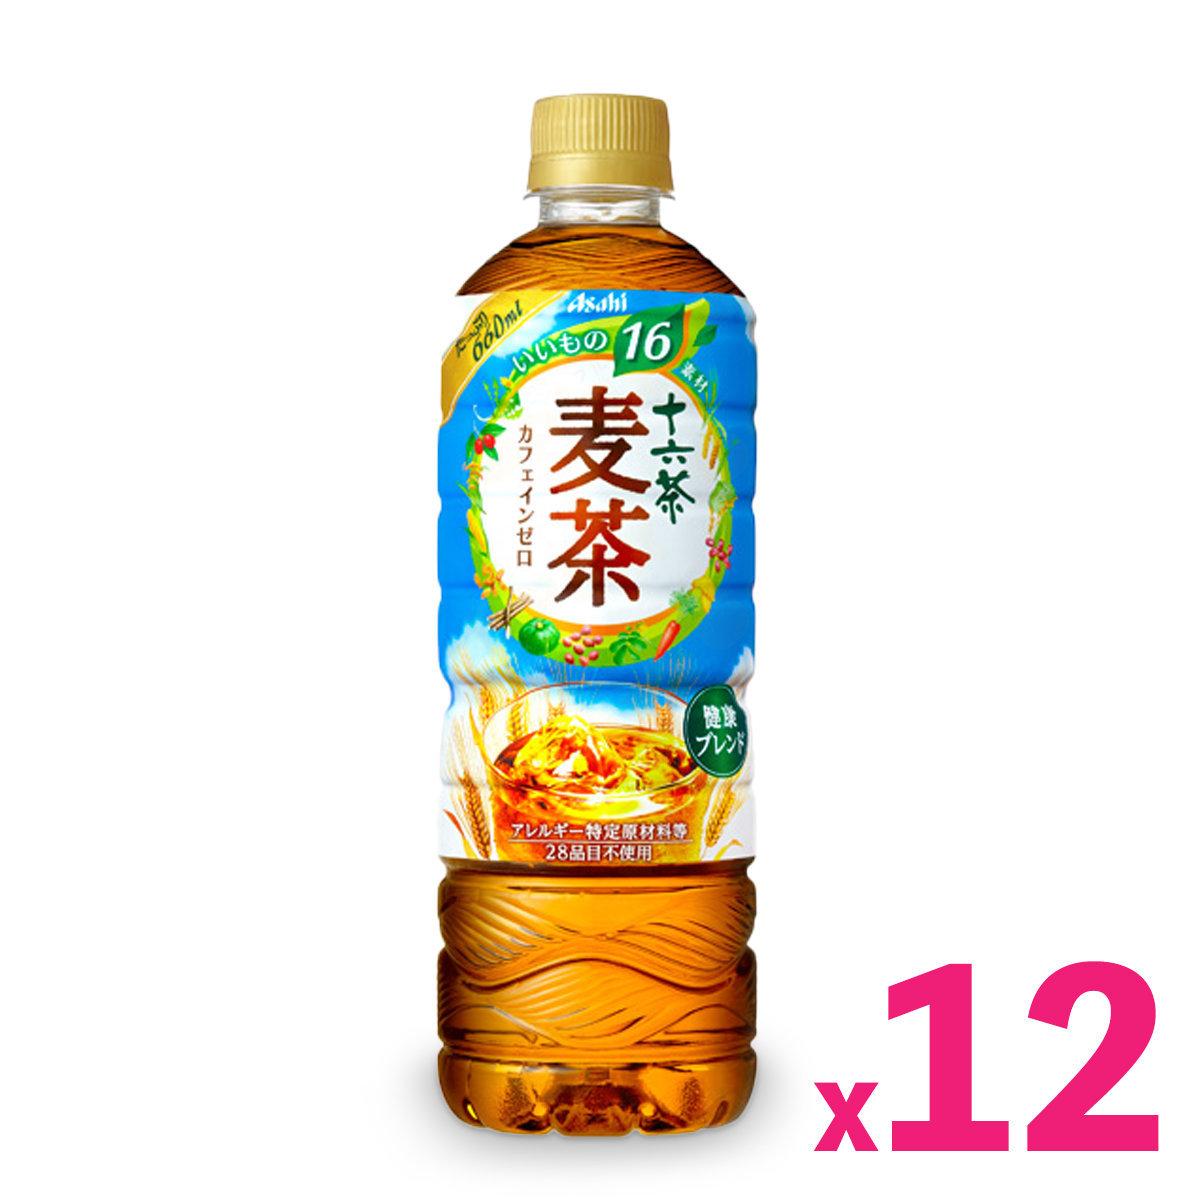 朝日「十六茶」麥茶 (660毫升) x 12支